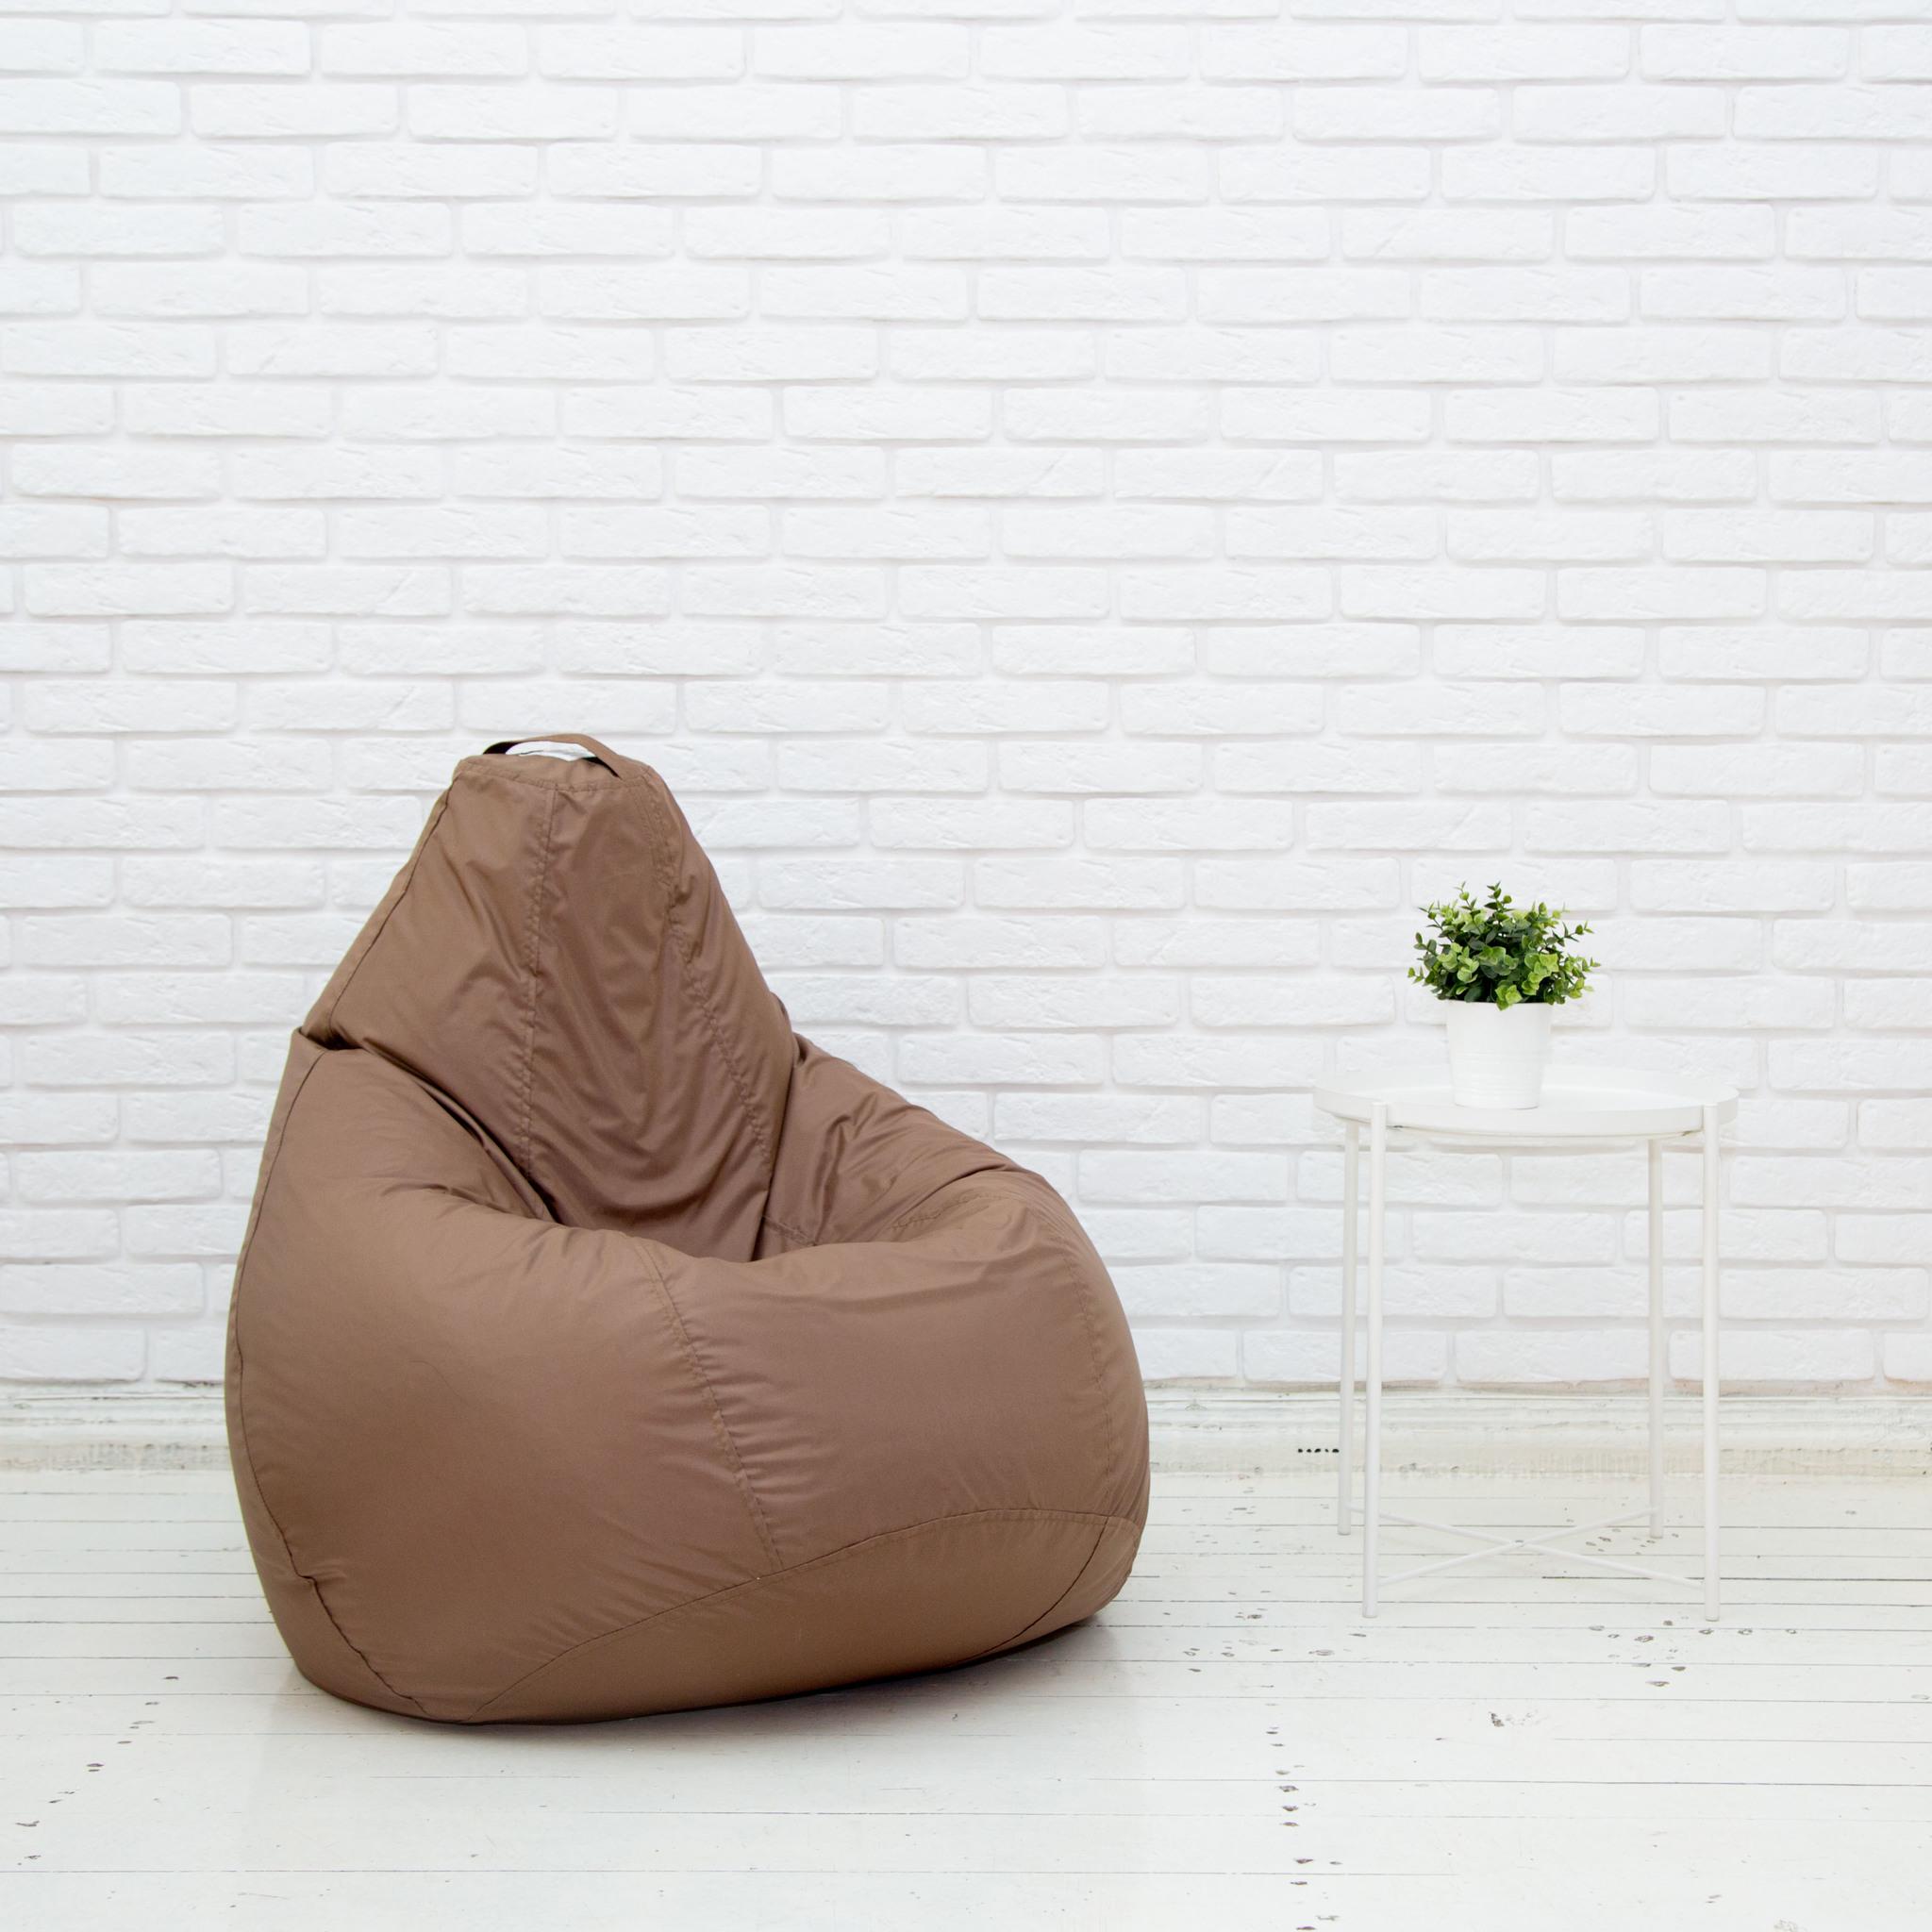 Груша М плащёвка, несъёмный чехол (коричневый)